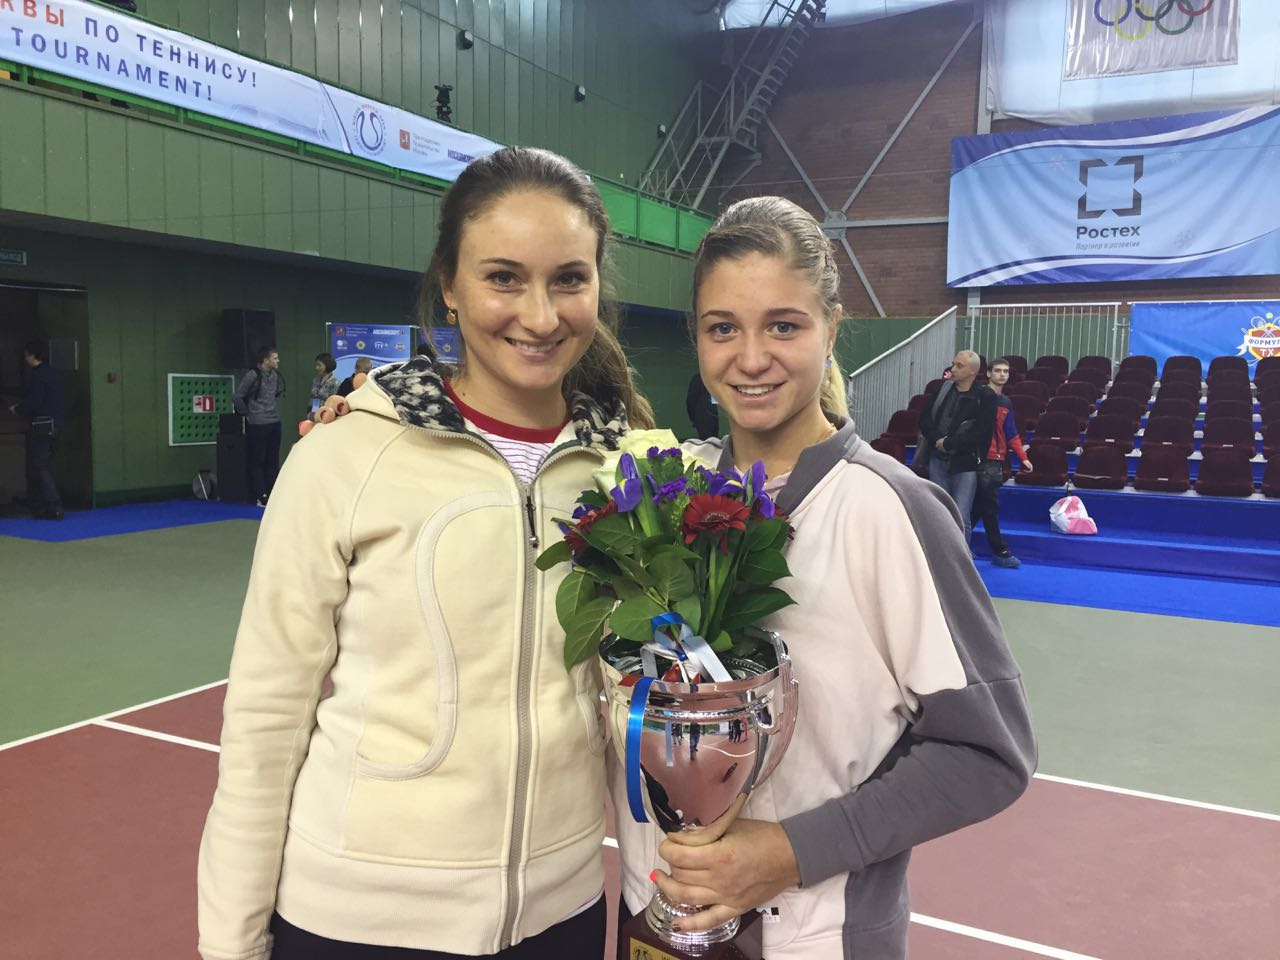 Фото: во время турнира Moscow Open с Ириной Хромачёвой